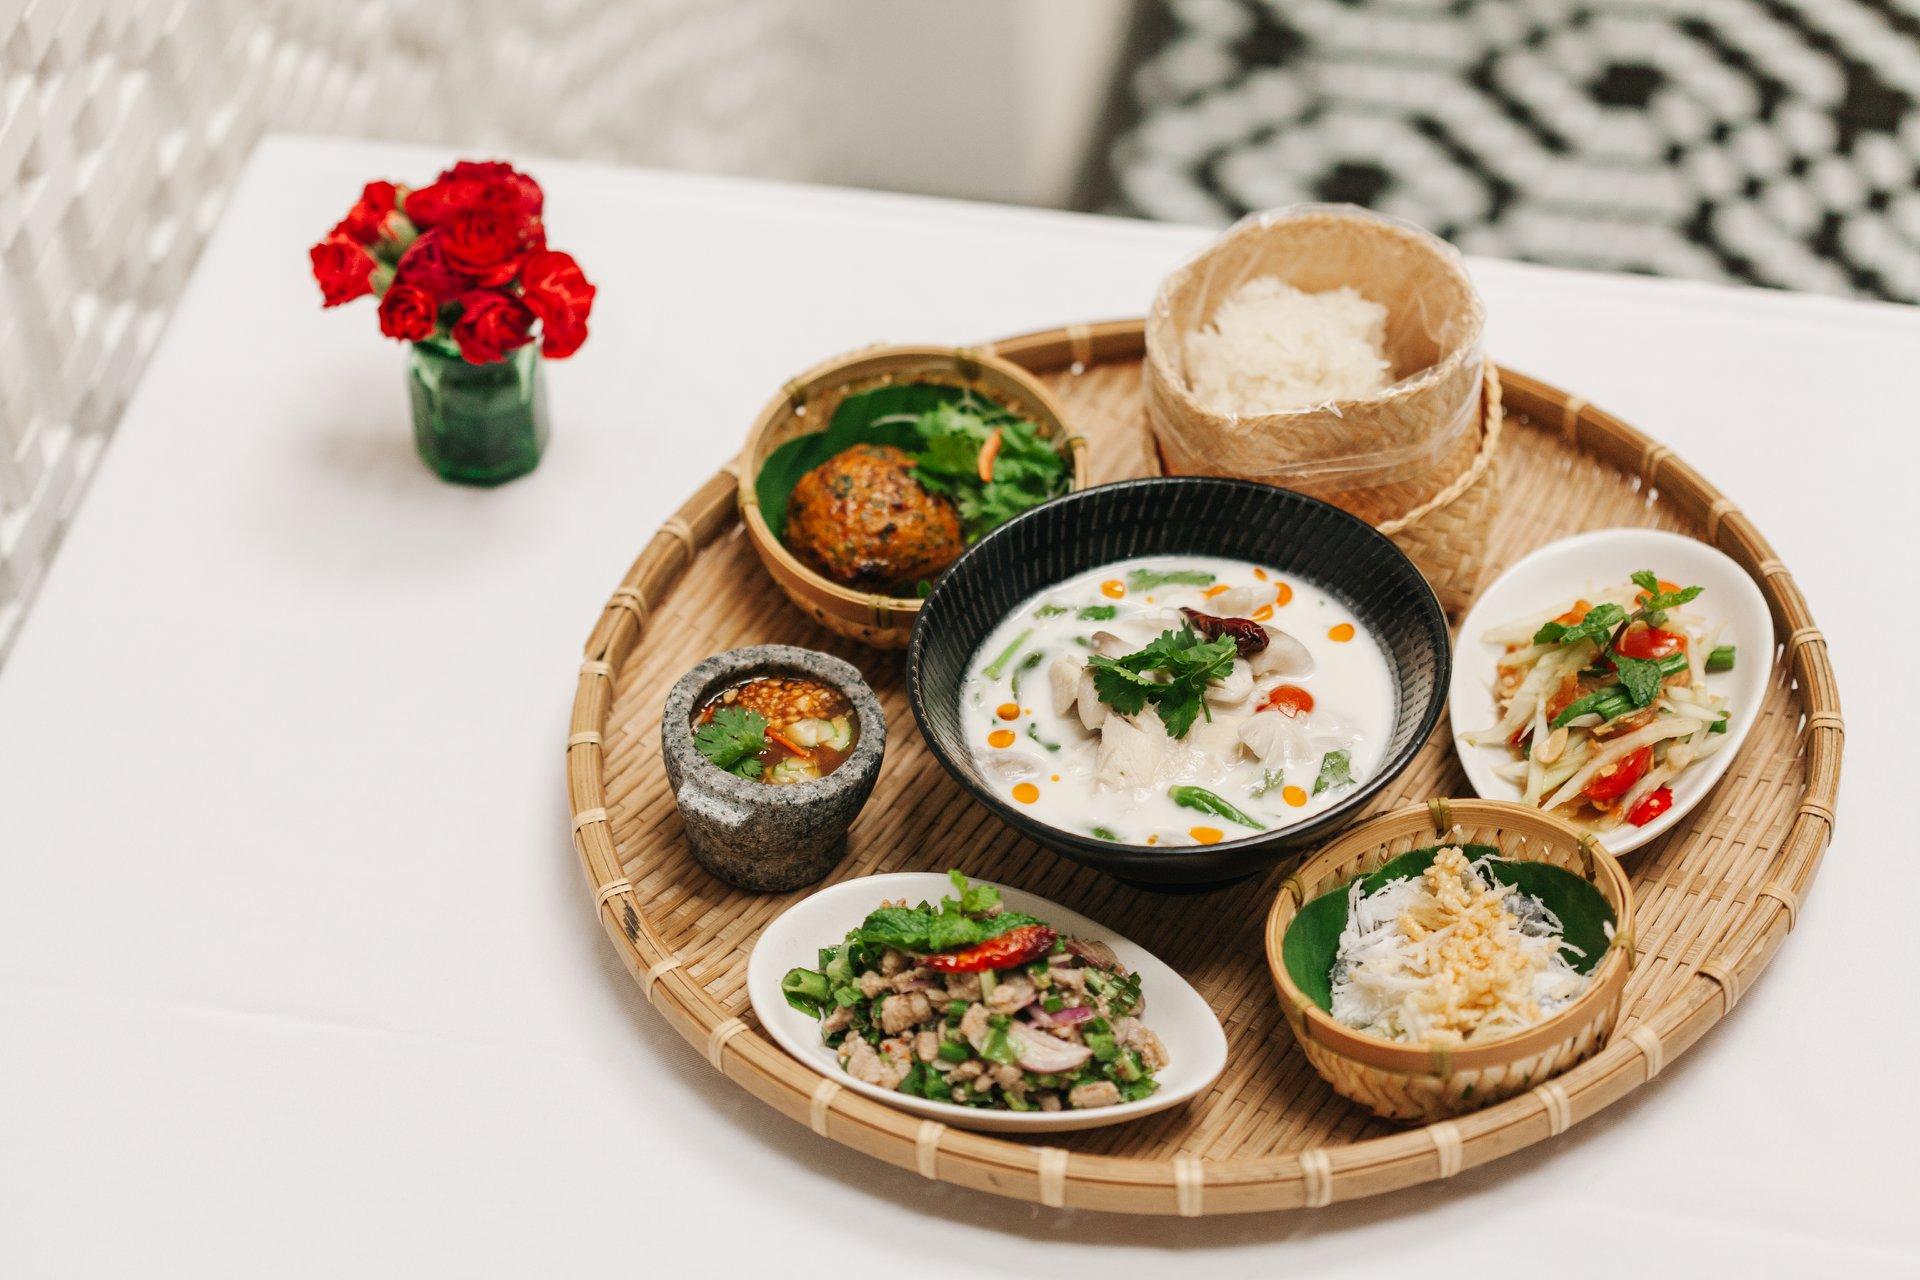 món ăn tại ANH TUKK - Ẩm Thực Thái Lan ảnh1